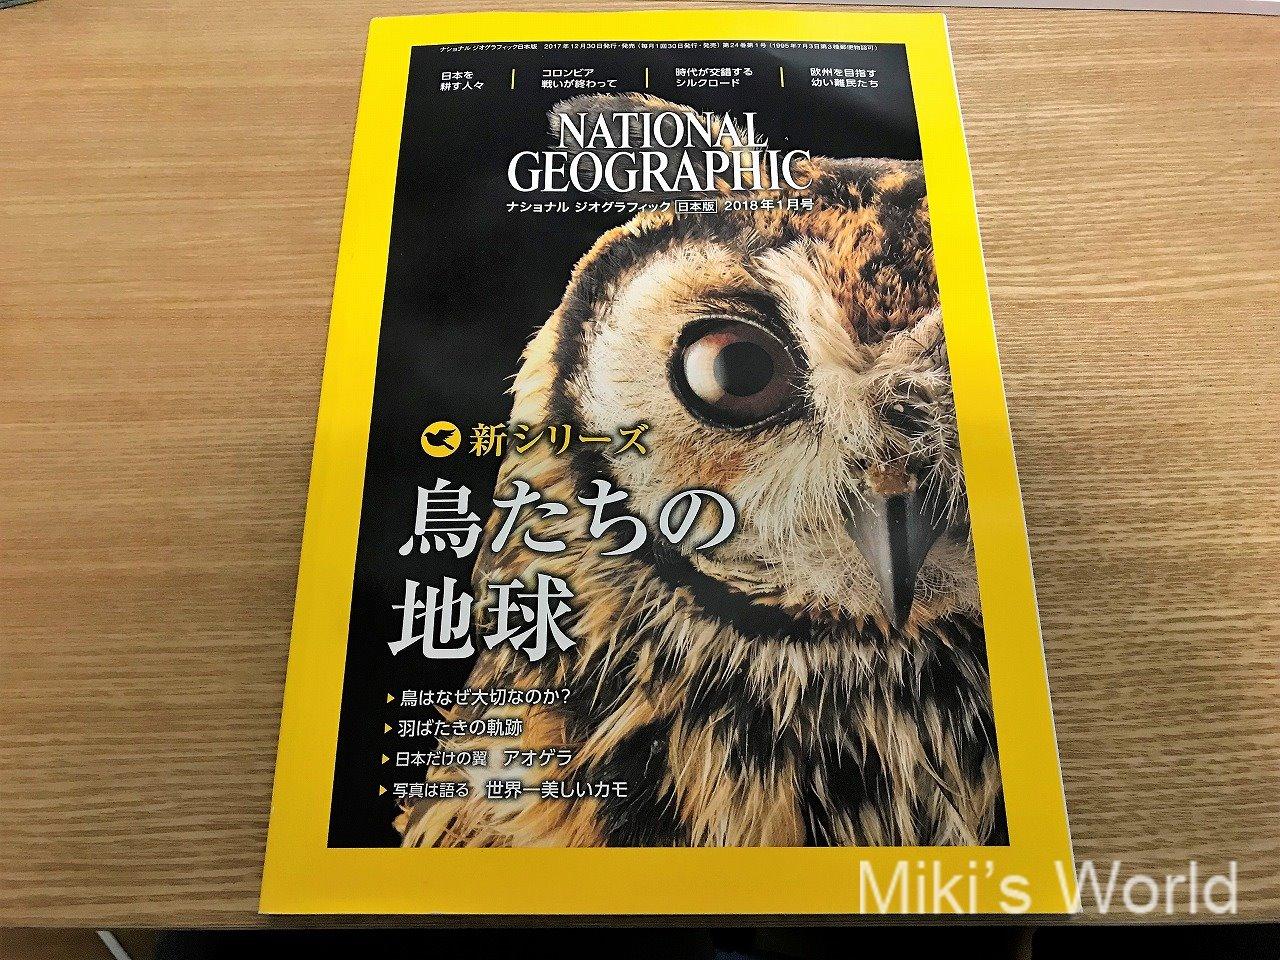 ナショナル ジオグラフィック 2018年は鳥の新シリーズがスタート!